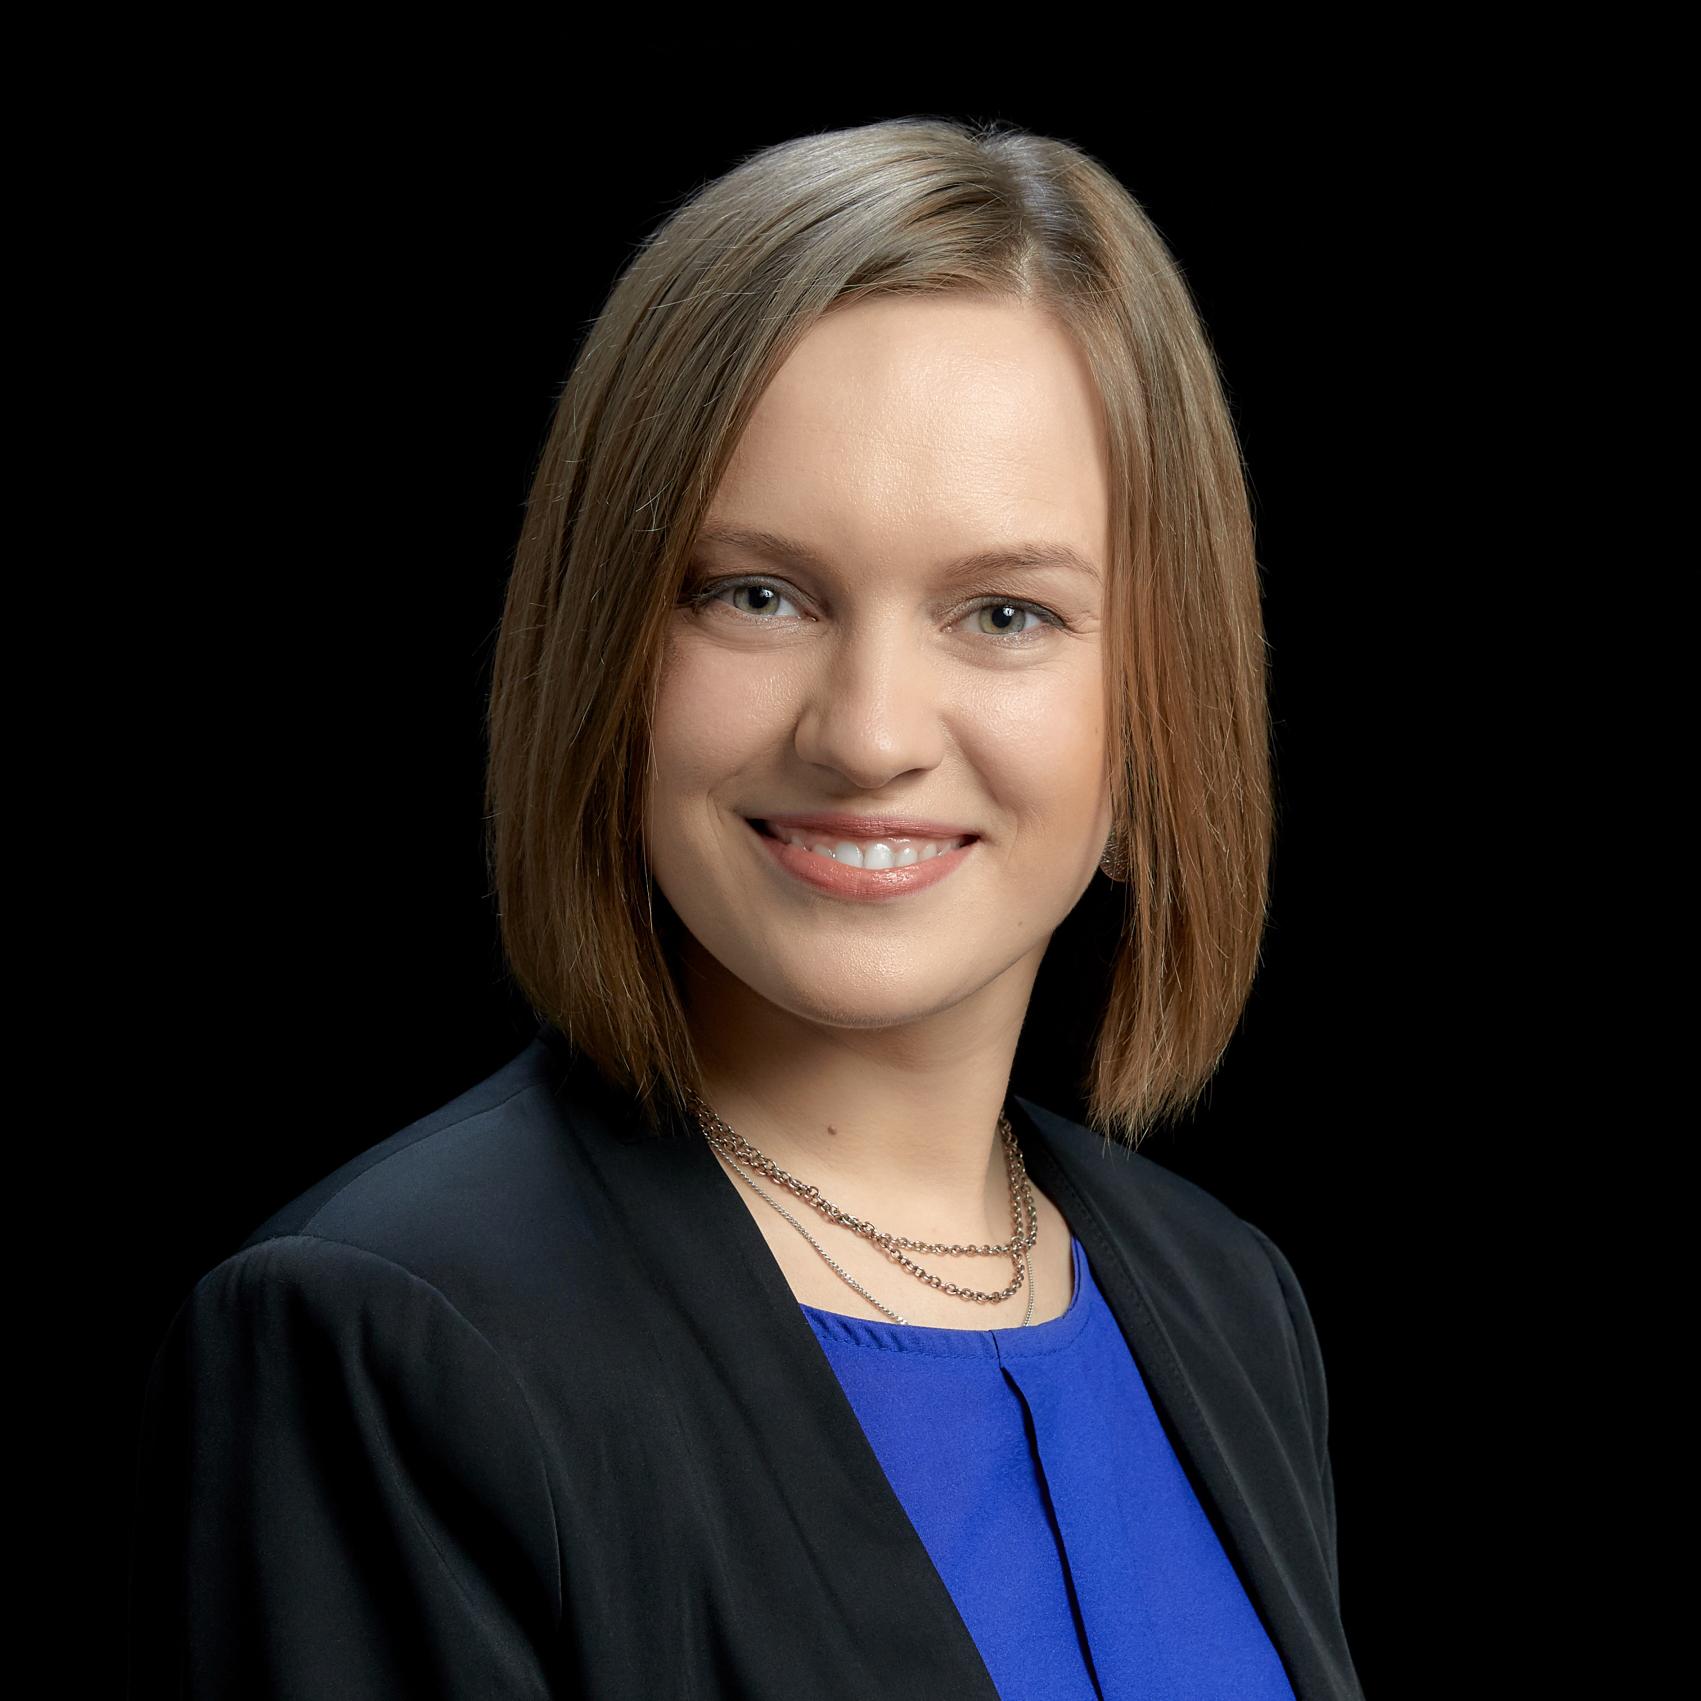 Laura Lipska